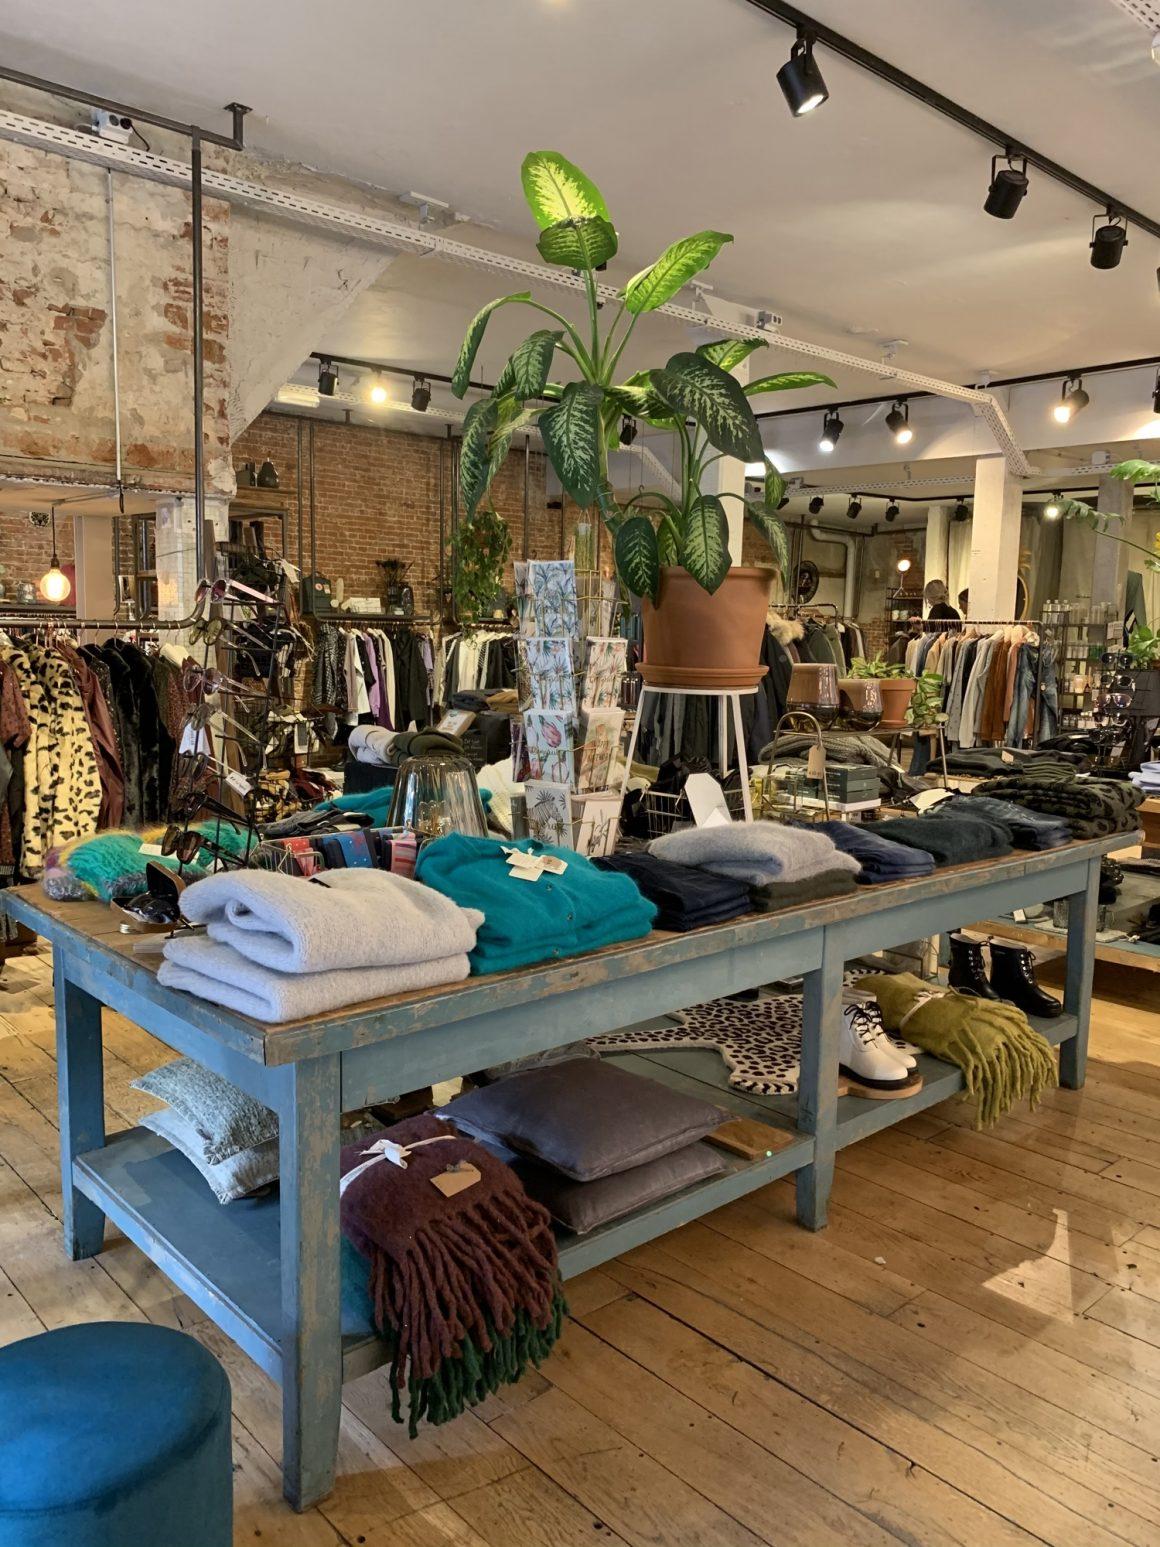 large table en bois peint en bleu accueillant des vêtements dans un aménagement magasin